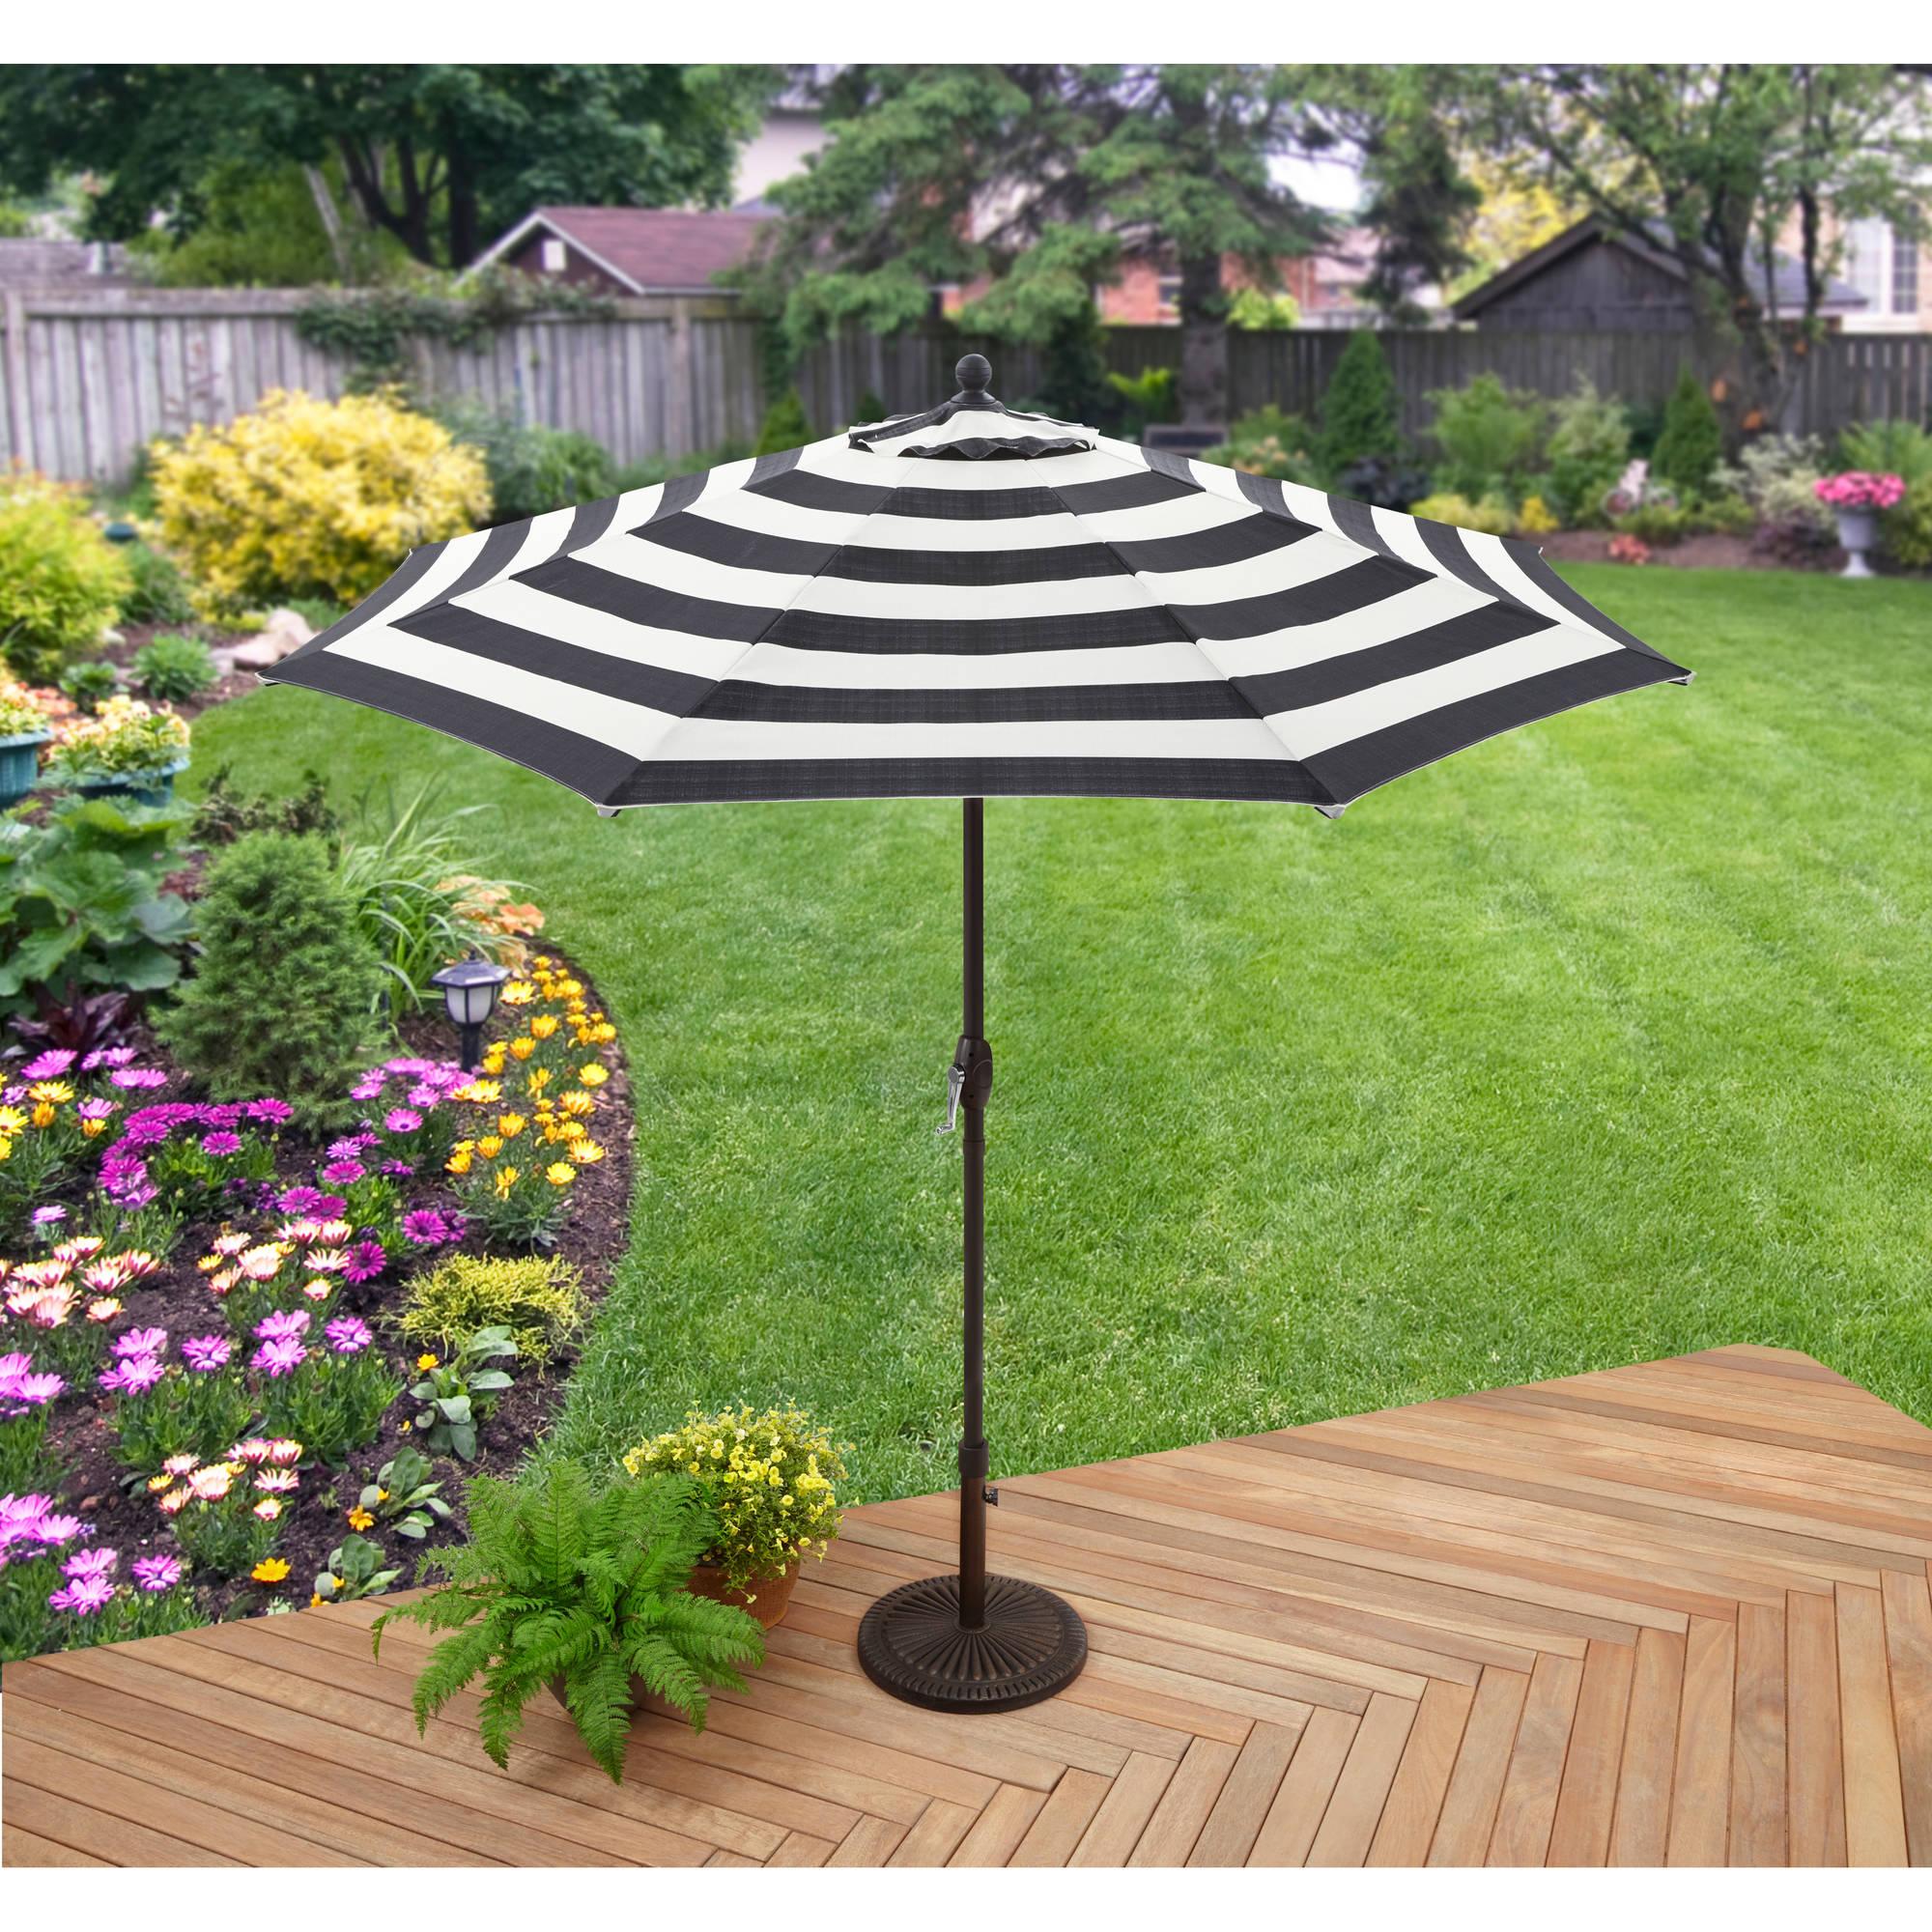 Better Homes And Gardens 9 Market Umbrella Cabana Stripe Walmart Com